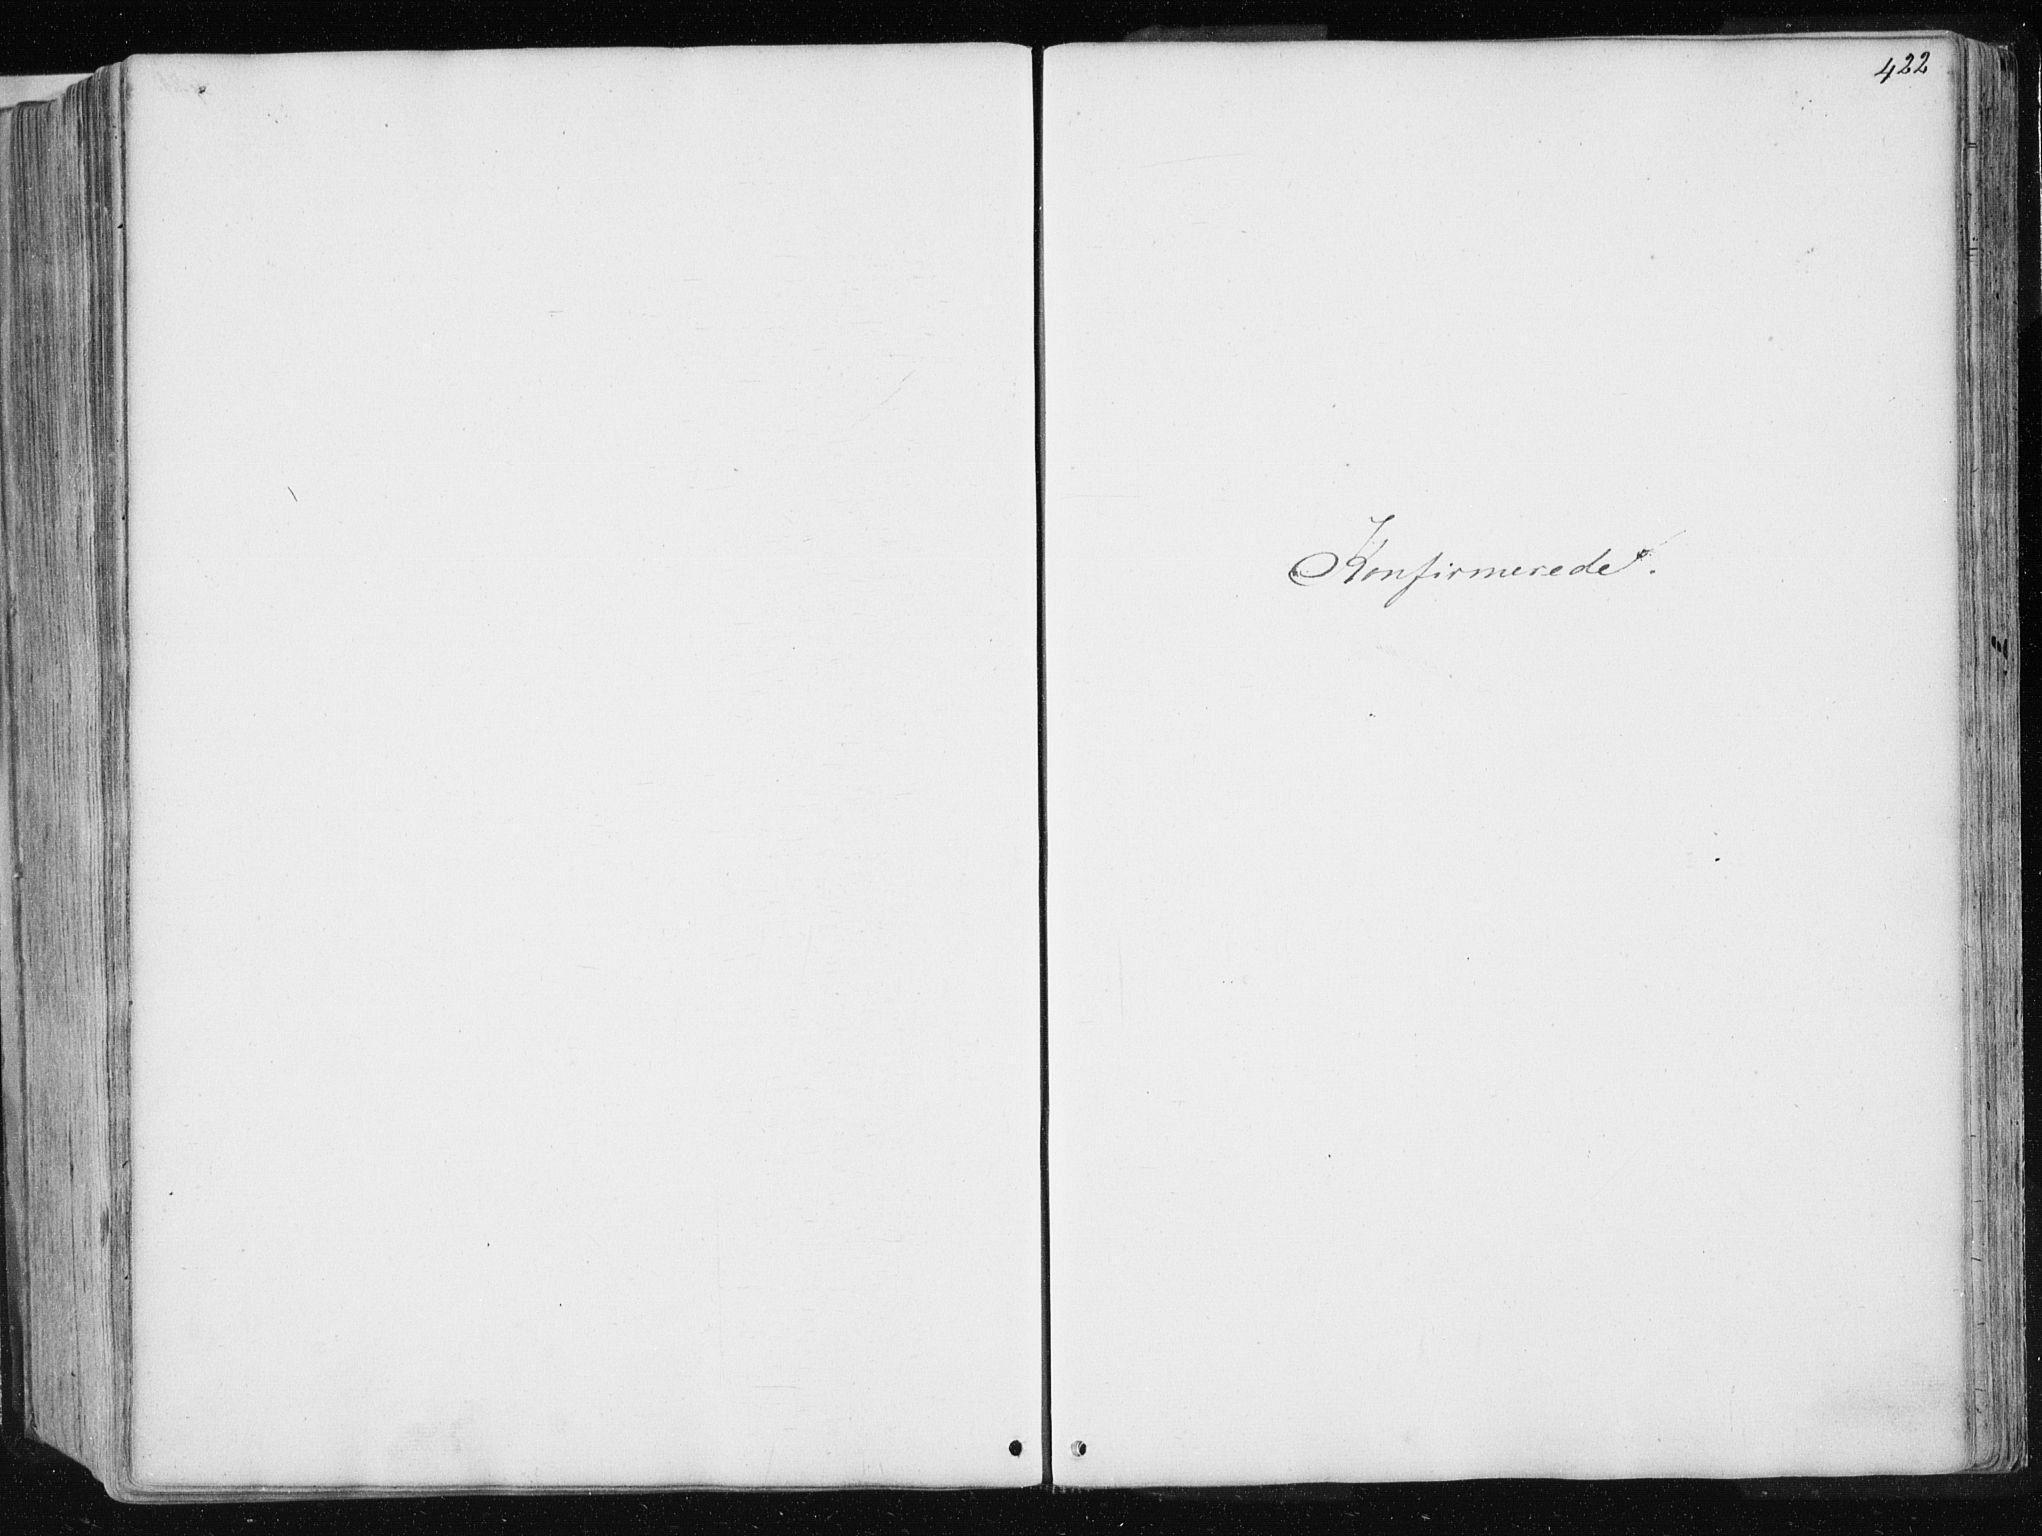 SAT, Ministerialprotokoller, klokkerbøker og fødselsregistre - Nord-Trøndelag, 741/L0393: Ministerialbok nr. 741A07, 1849-1863, s. 422